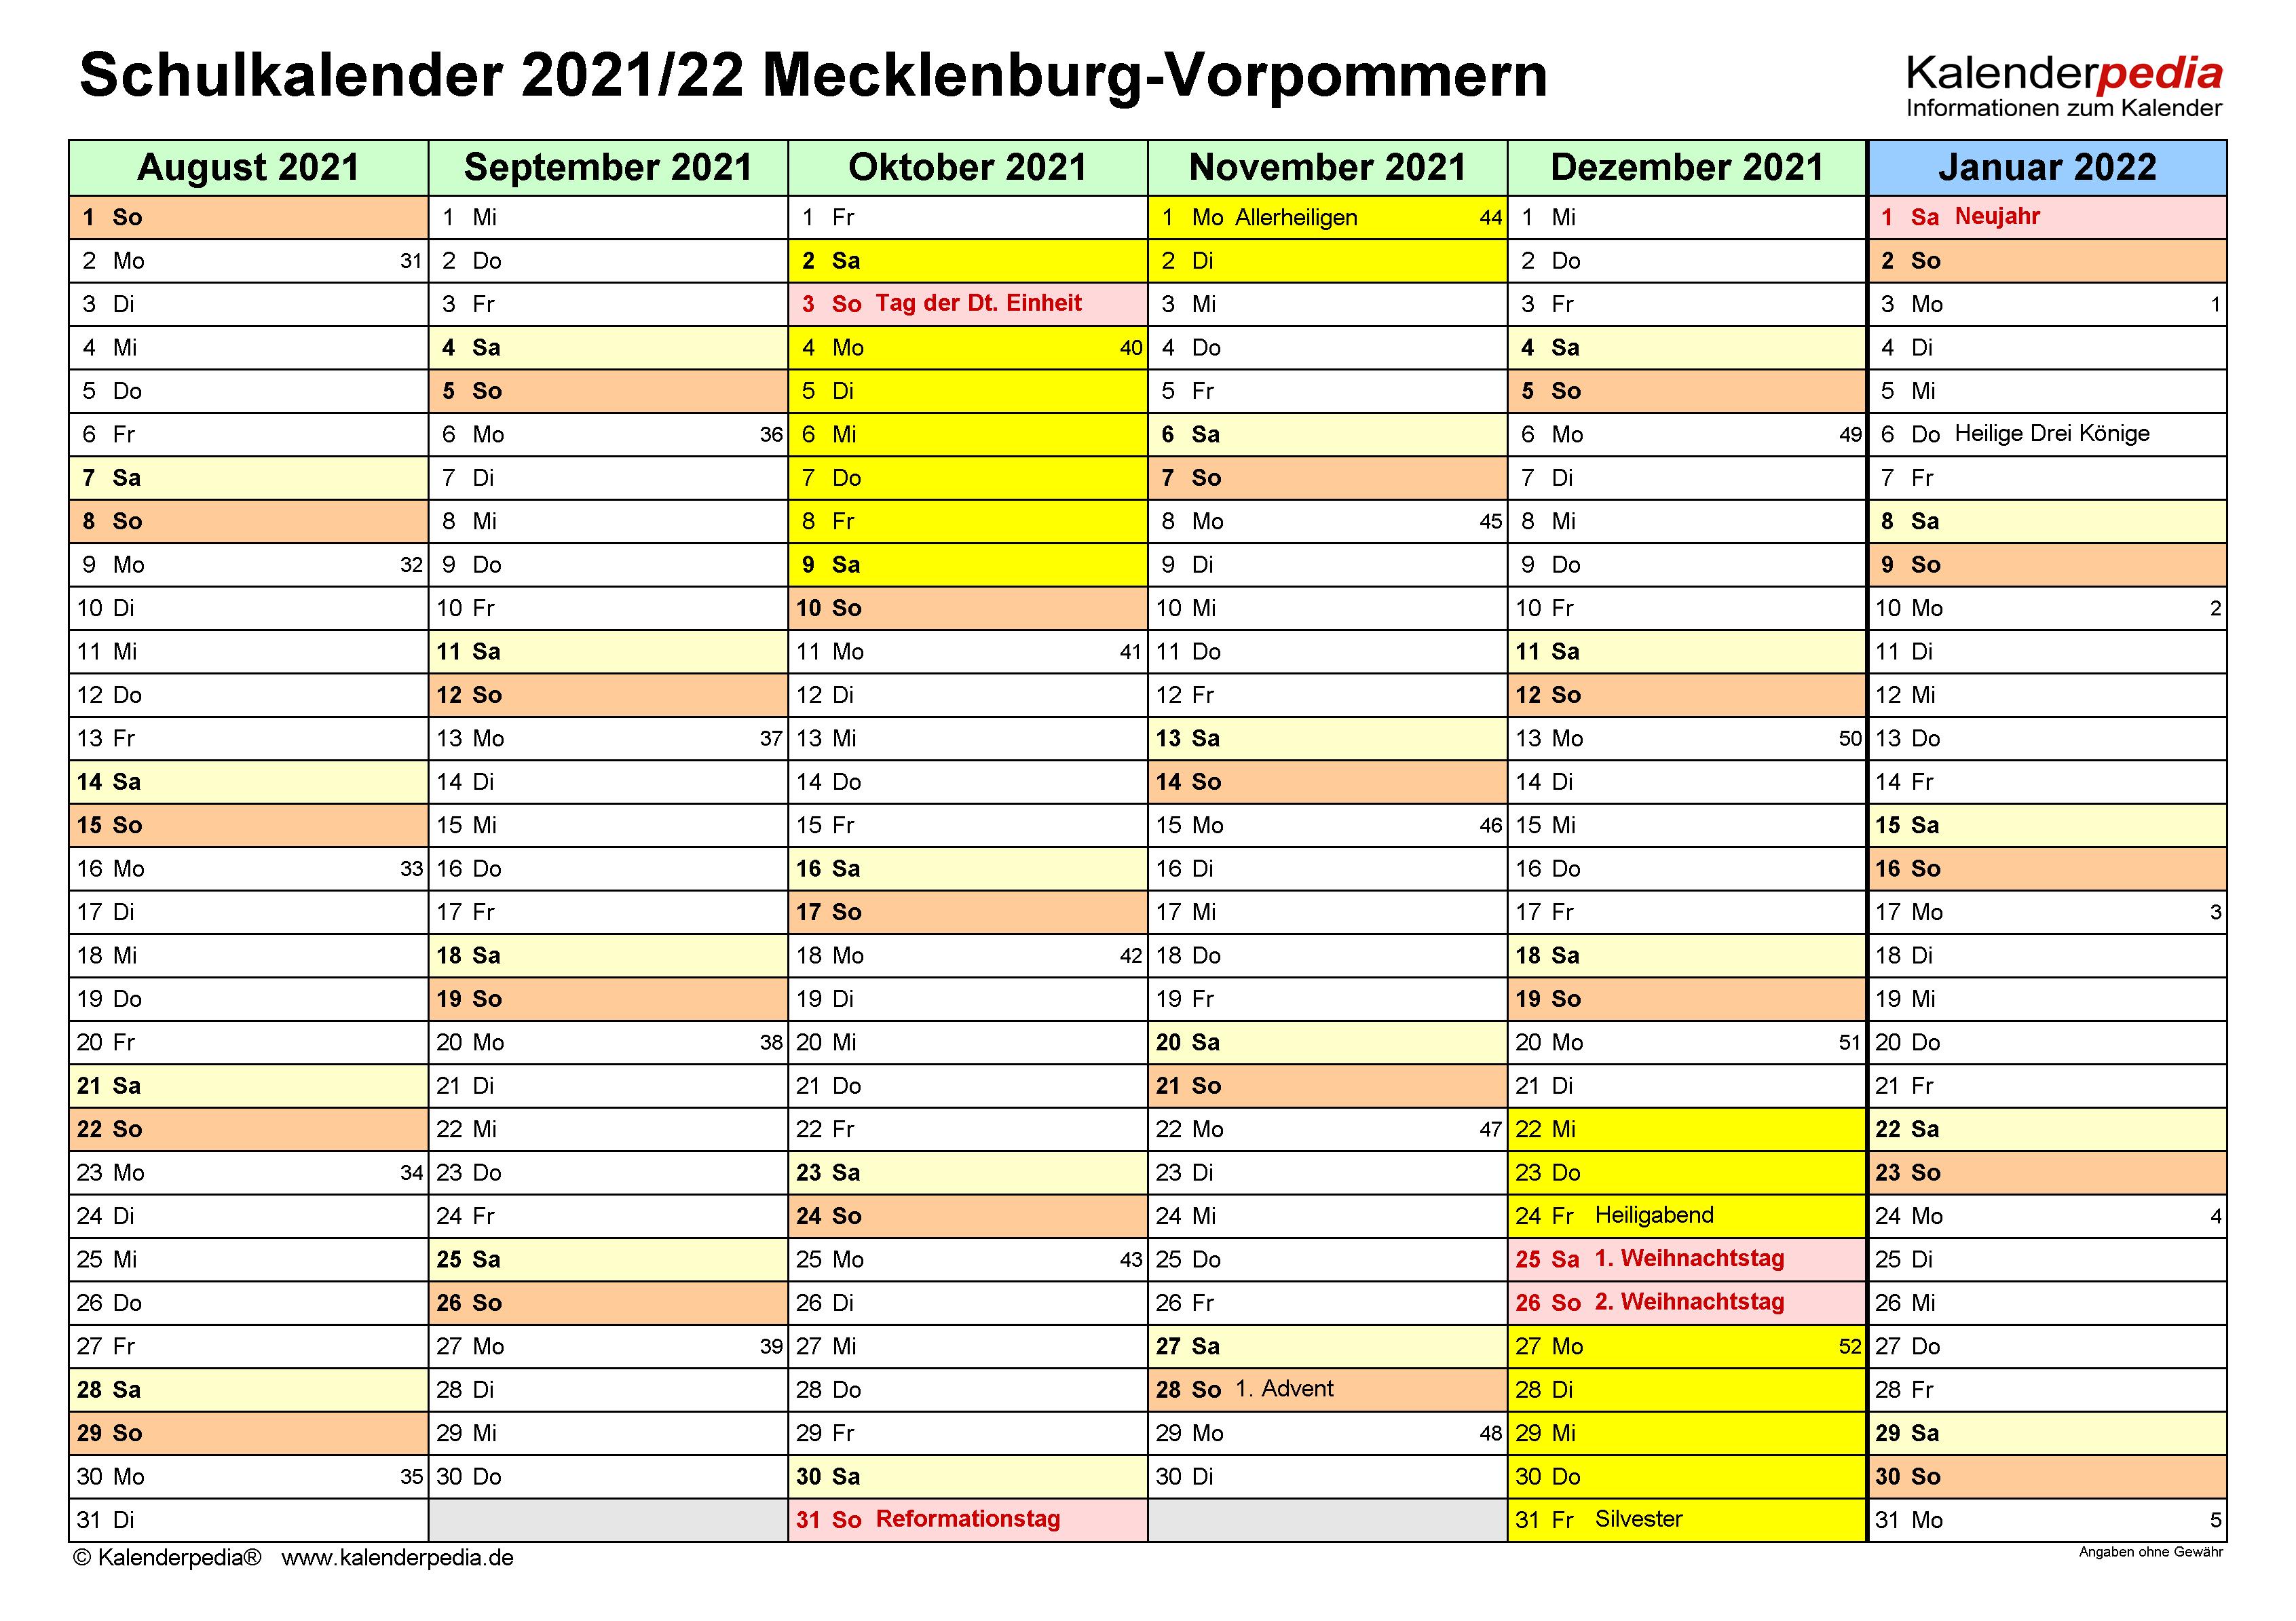 Schulkalender 2021/2022 Mecklenburg-Vorpommern für Excel